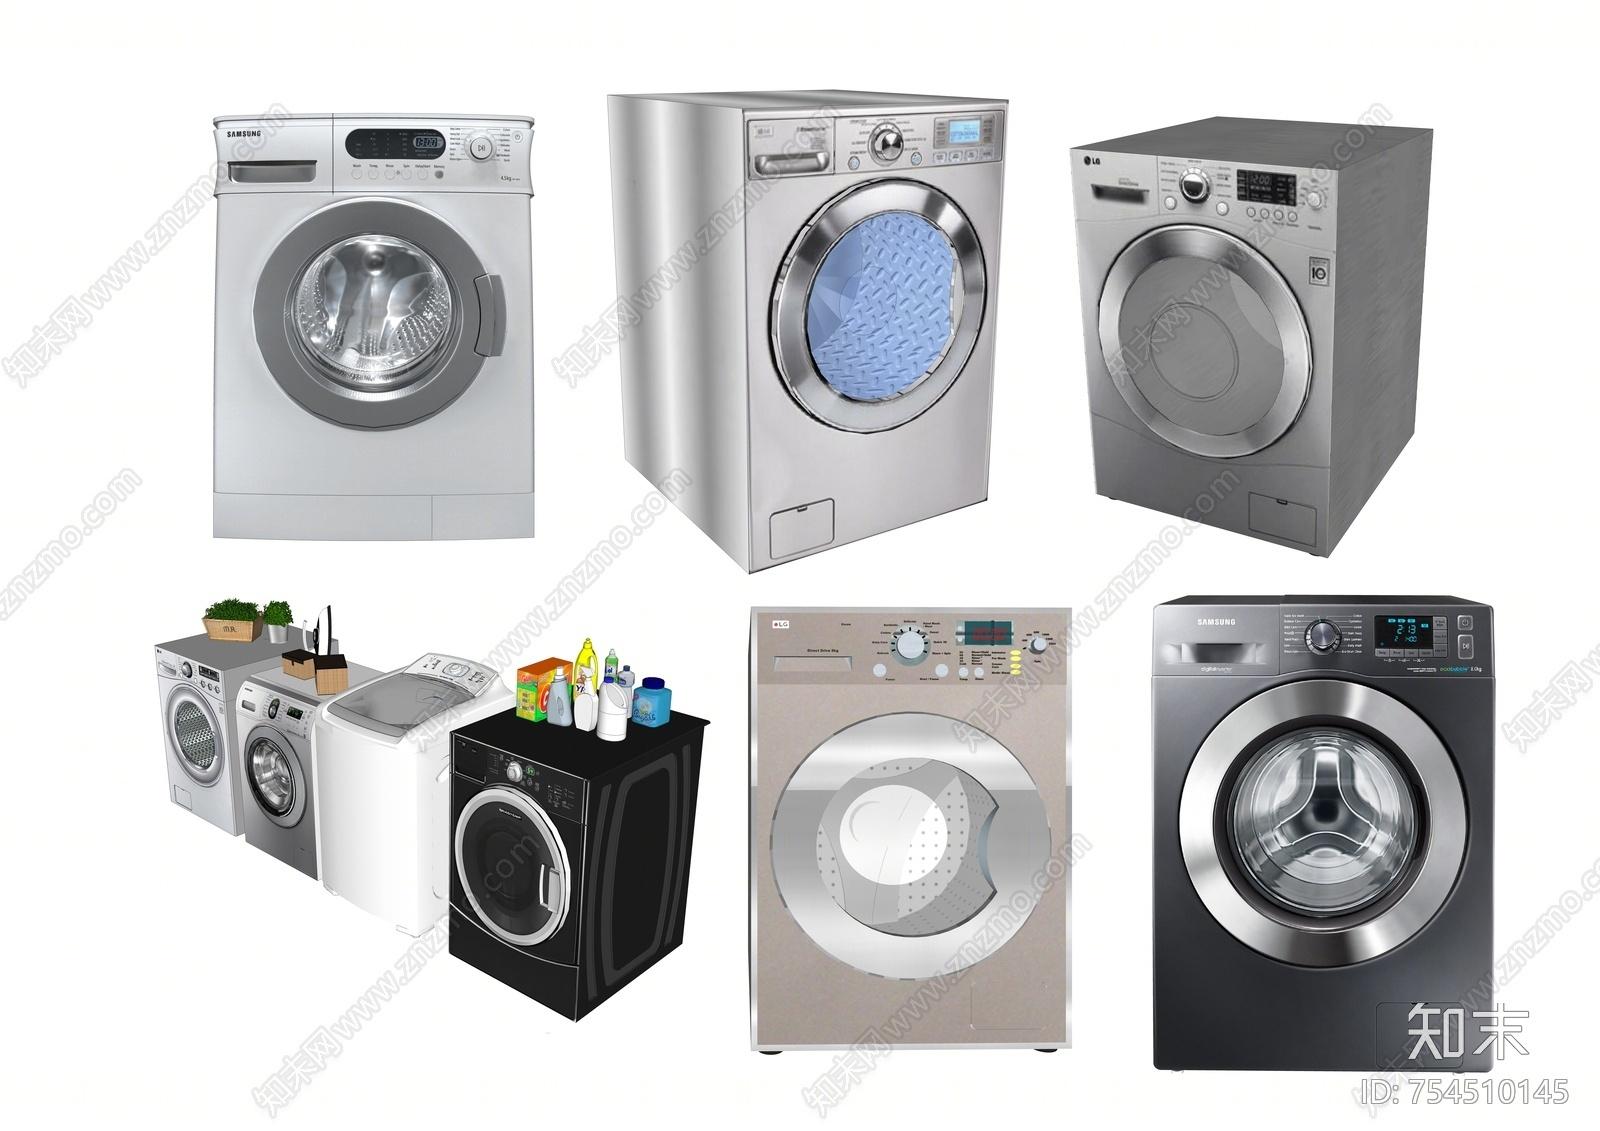 现代风格洗衣机SU模型下载【ID:754510145】